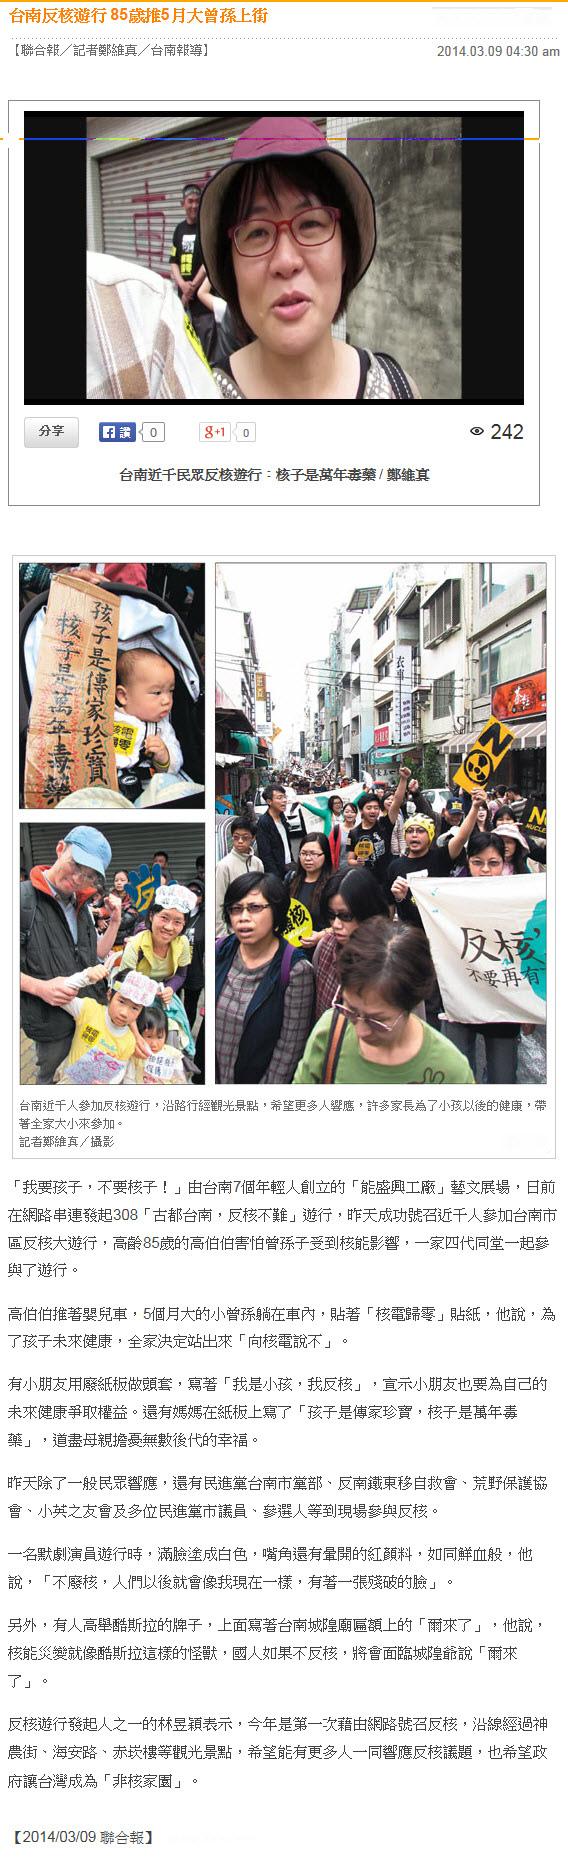 台南反核遊行 85歲推5月大曾孫上街-2014.03.09-01.jpg